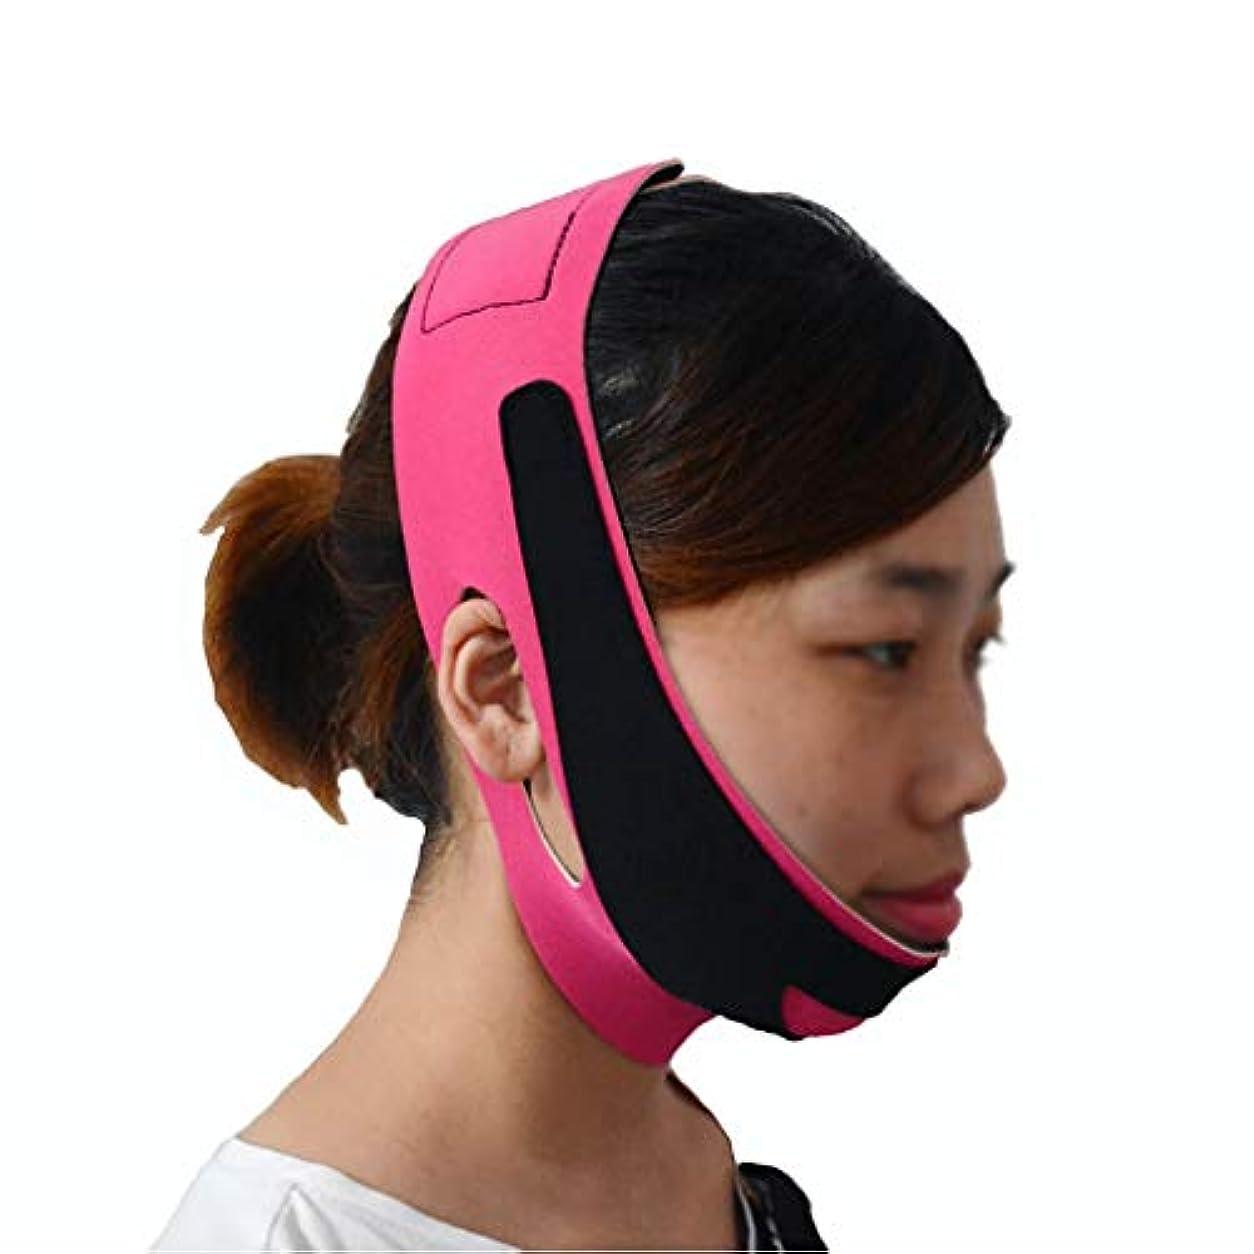 かける会話環境保護主義者XHLMRMJ 顔面マスク、顔面リフトマスク薄い顔をあごに薄く包帯V顔アーティファクトに直面する